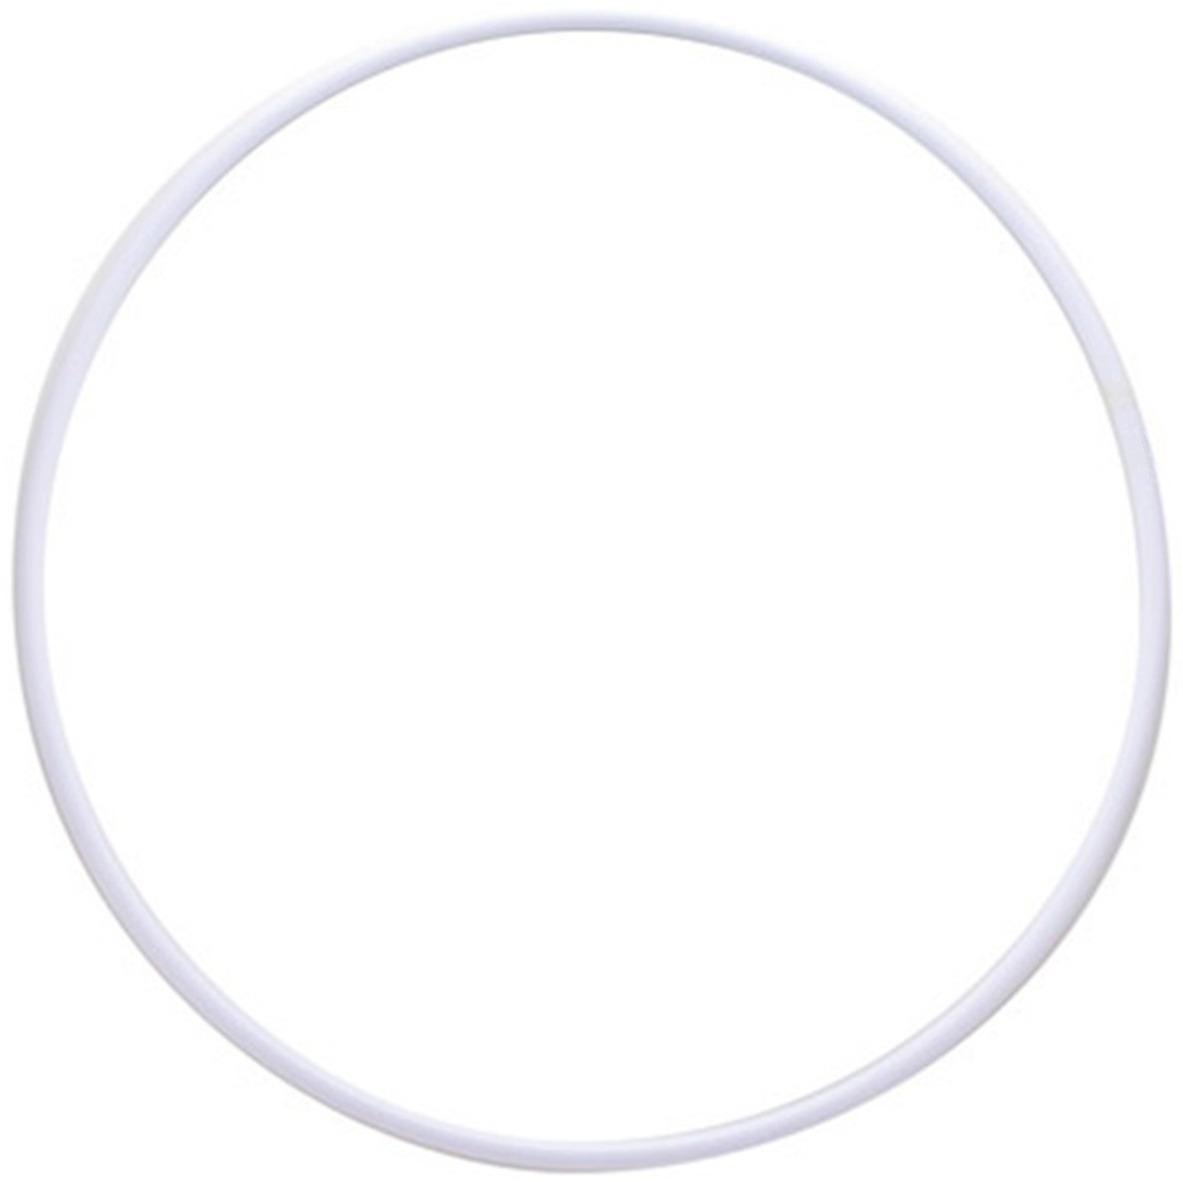 Обруч гимнастический Indigo, цвет: белый, диаметр 90 см сумка чехол для обруча indigo цвет салатовый диаметр 60 х 90 см